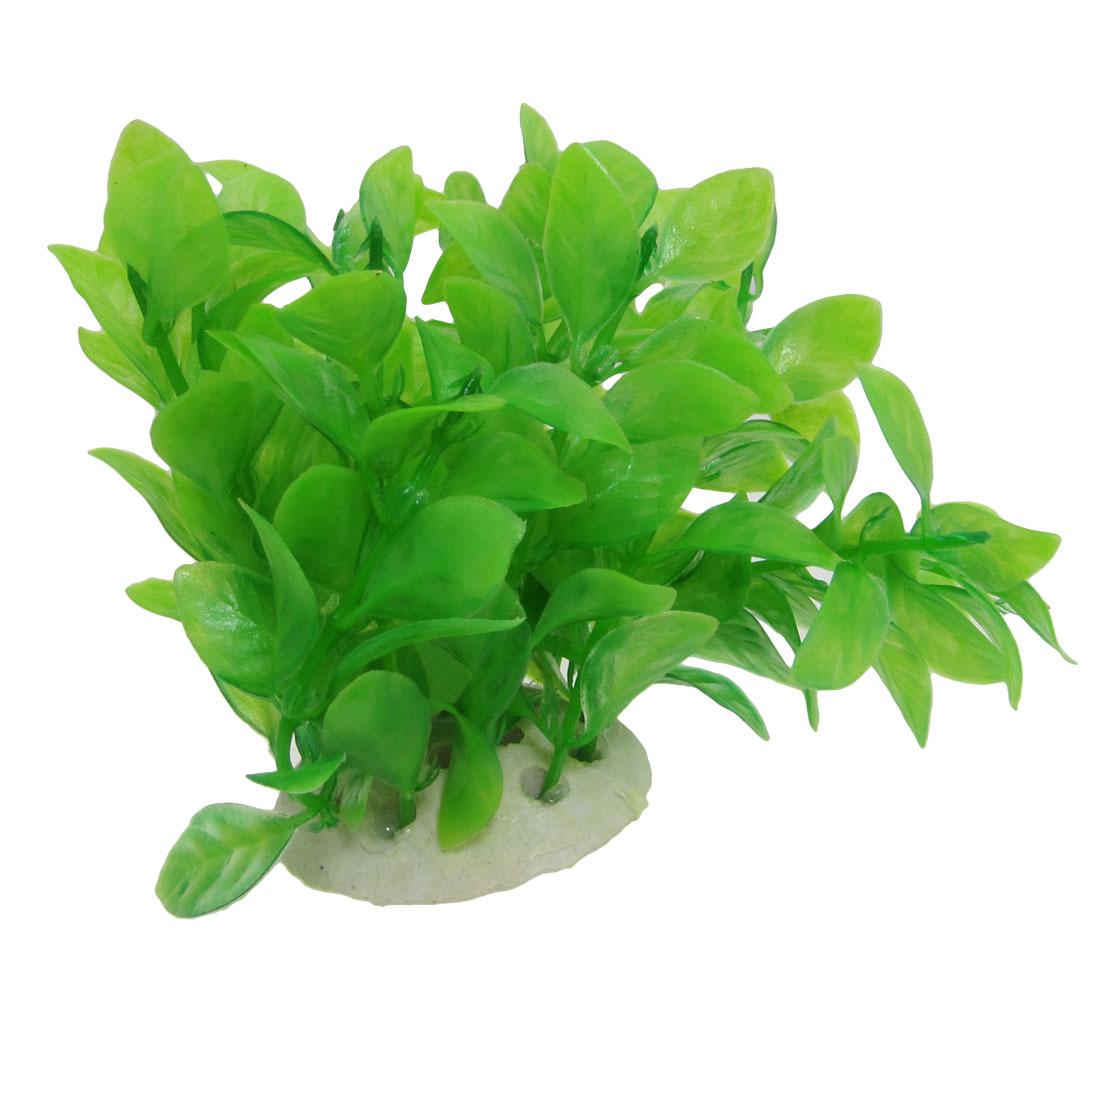 Green Artificial Leaf Plastic Plant Decor with Round Ceramic Base for Aquarium